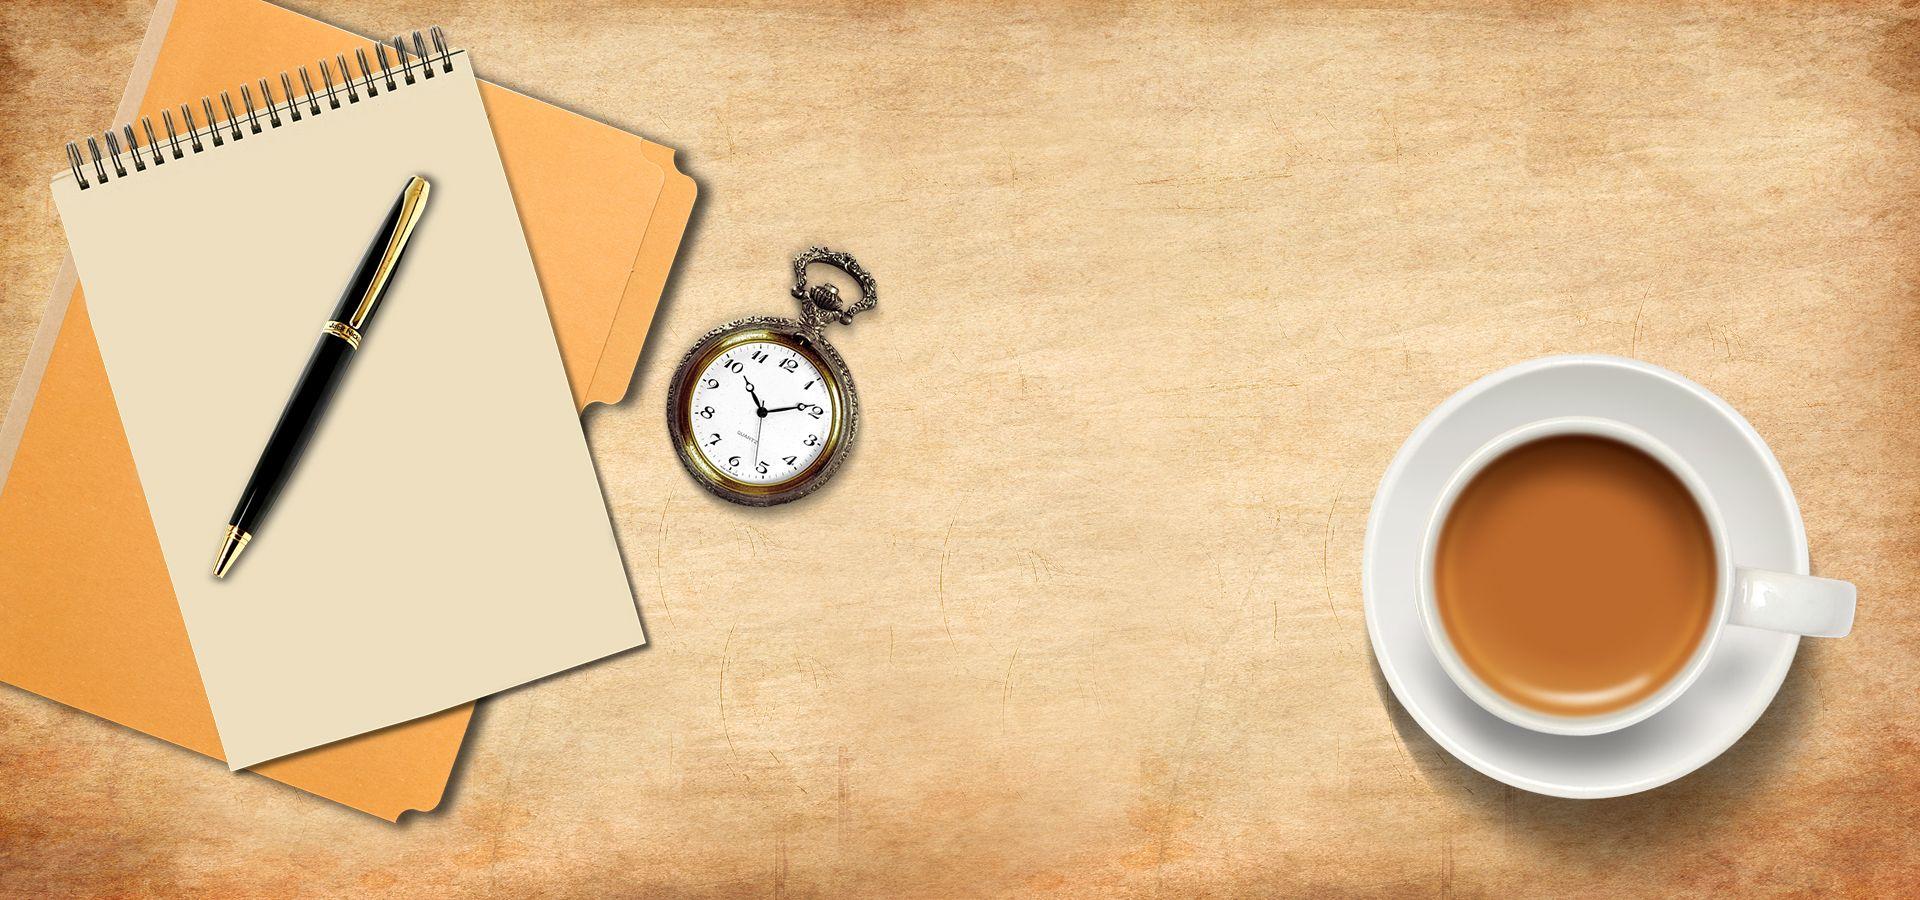 ساعة ساعة ساعة حائط التناظرية على مدار الساعة الخلفية Coffee Poster Glassware Pocket Book